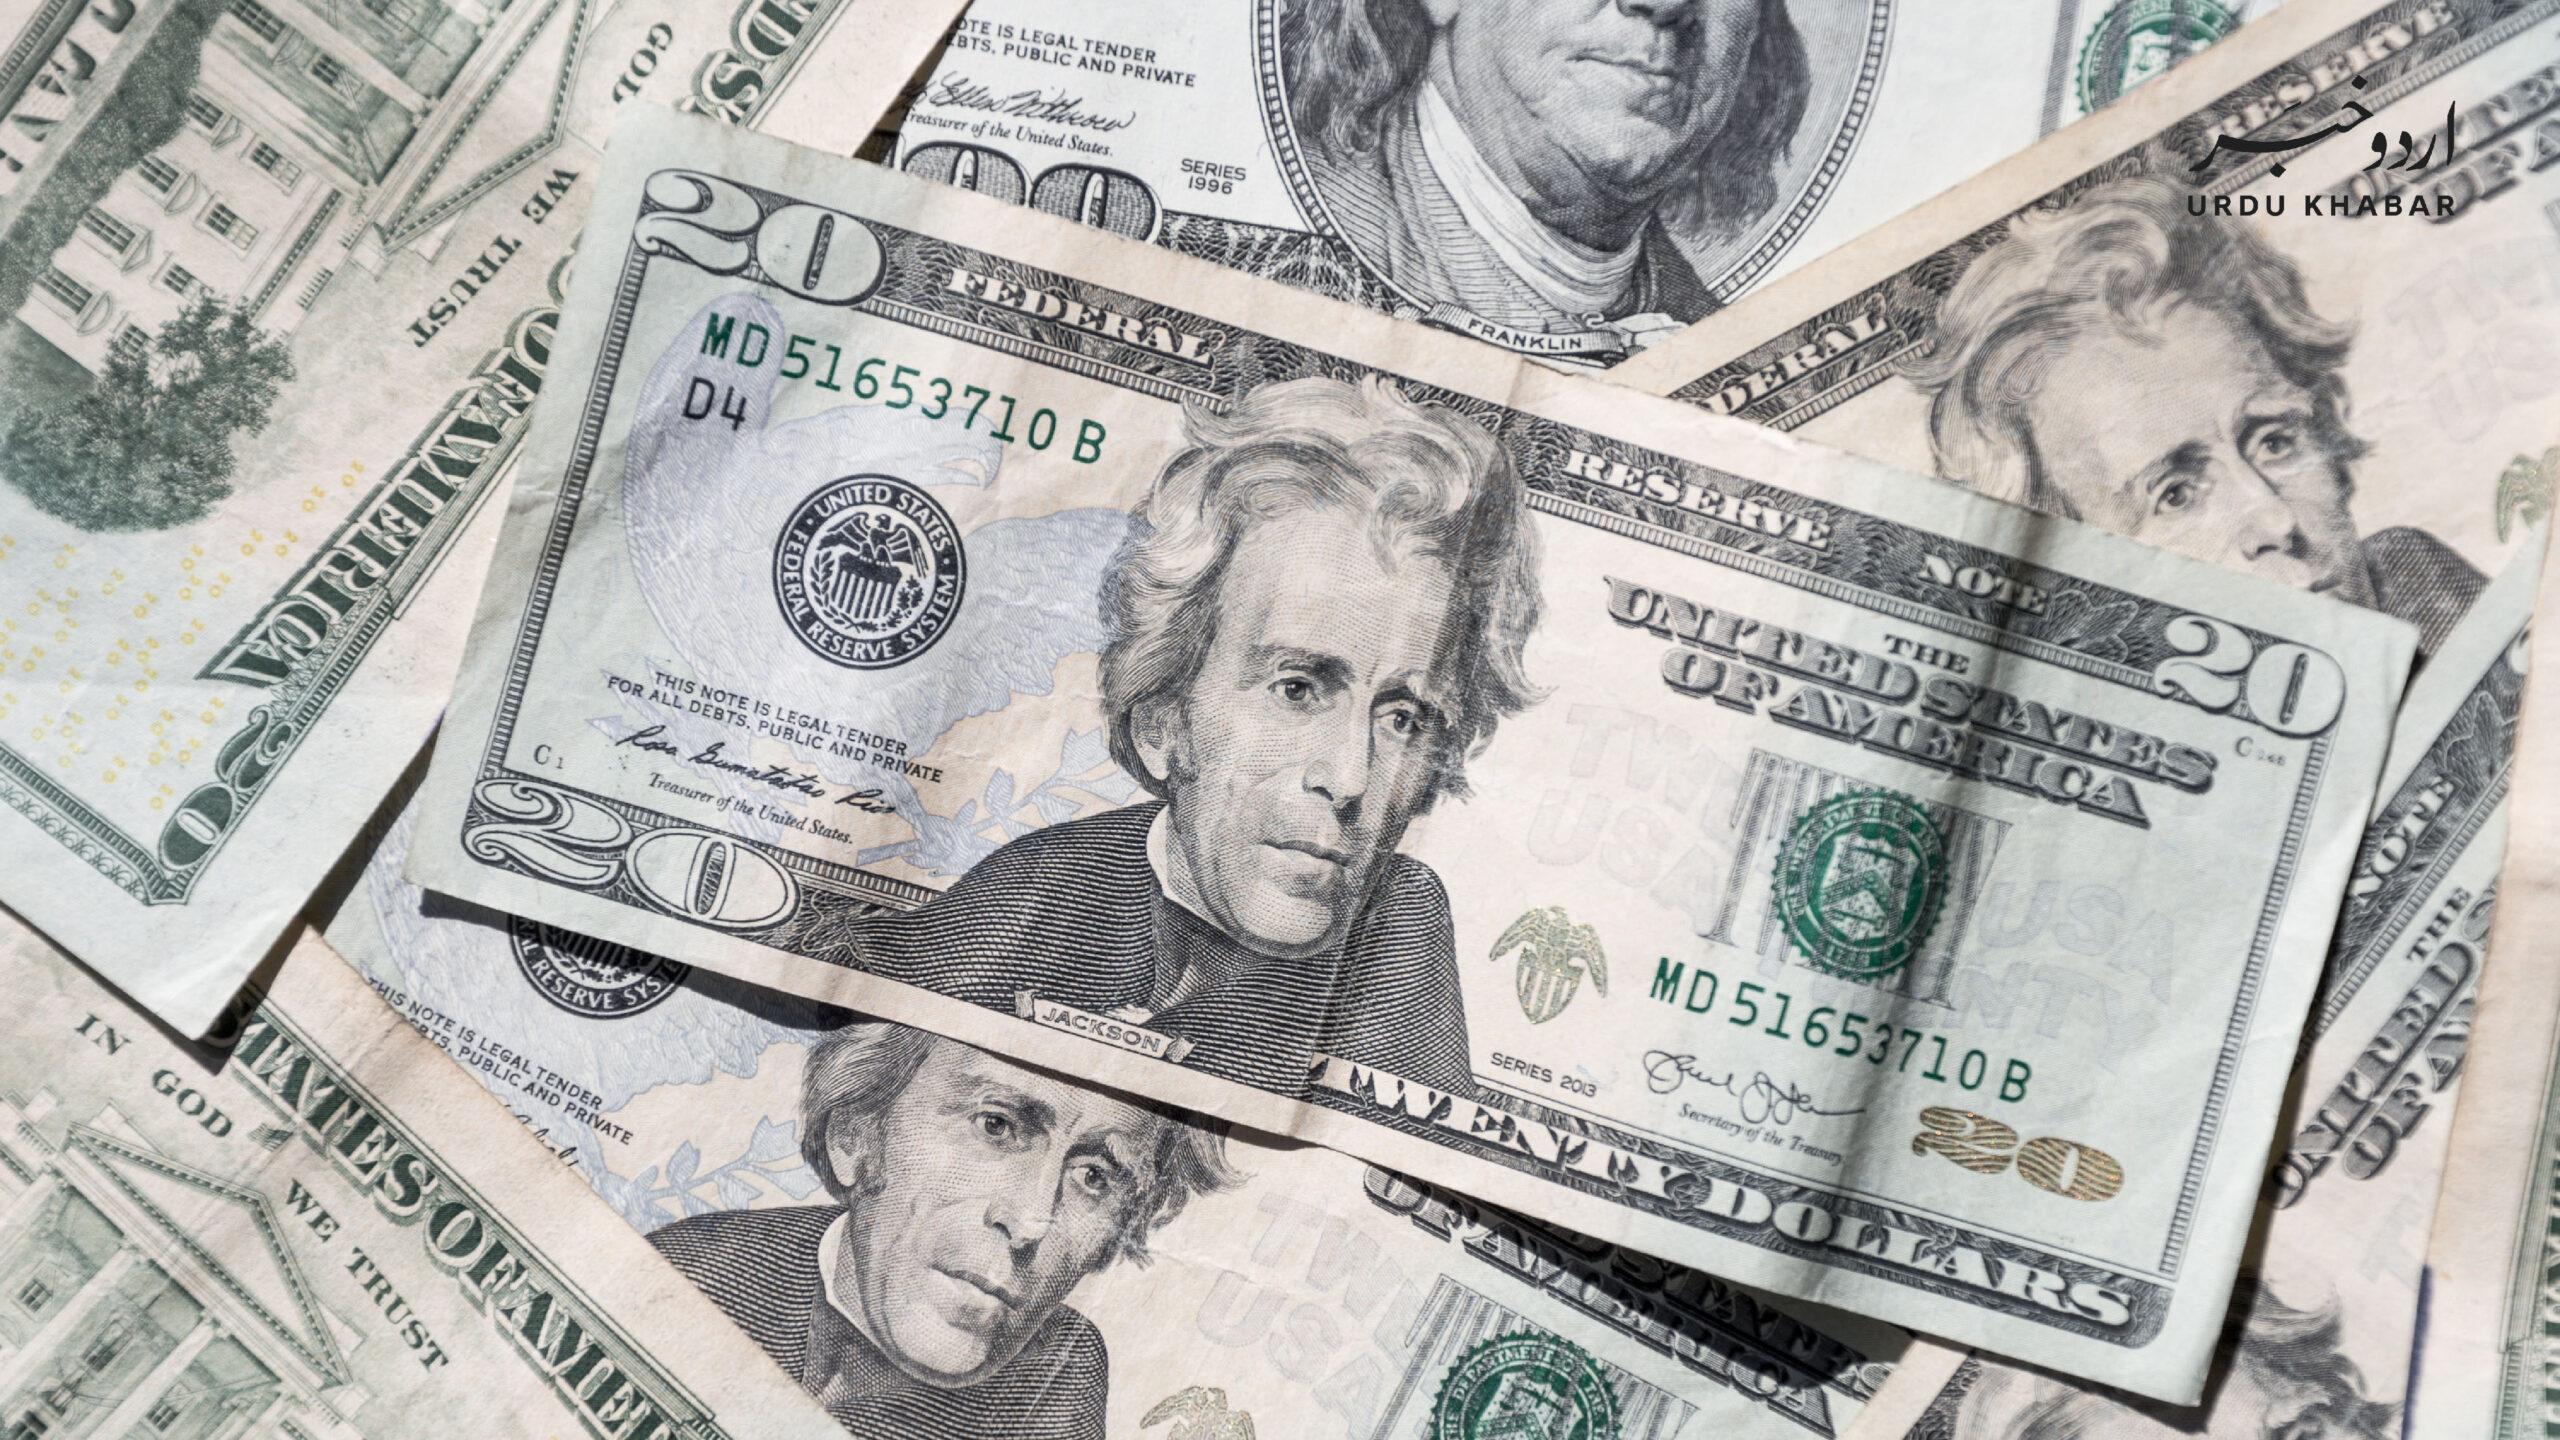 بینکوں نے دیر سے فائل ریٹرن کرنے والوں کو بیرونی ٹرانسزیکشنز کو بلاک کر دیا